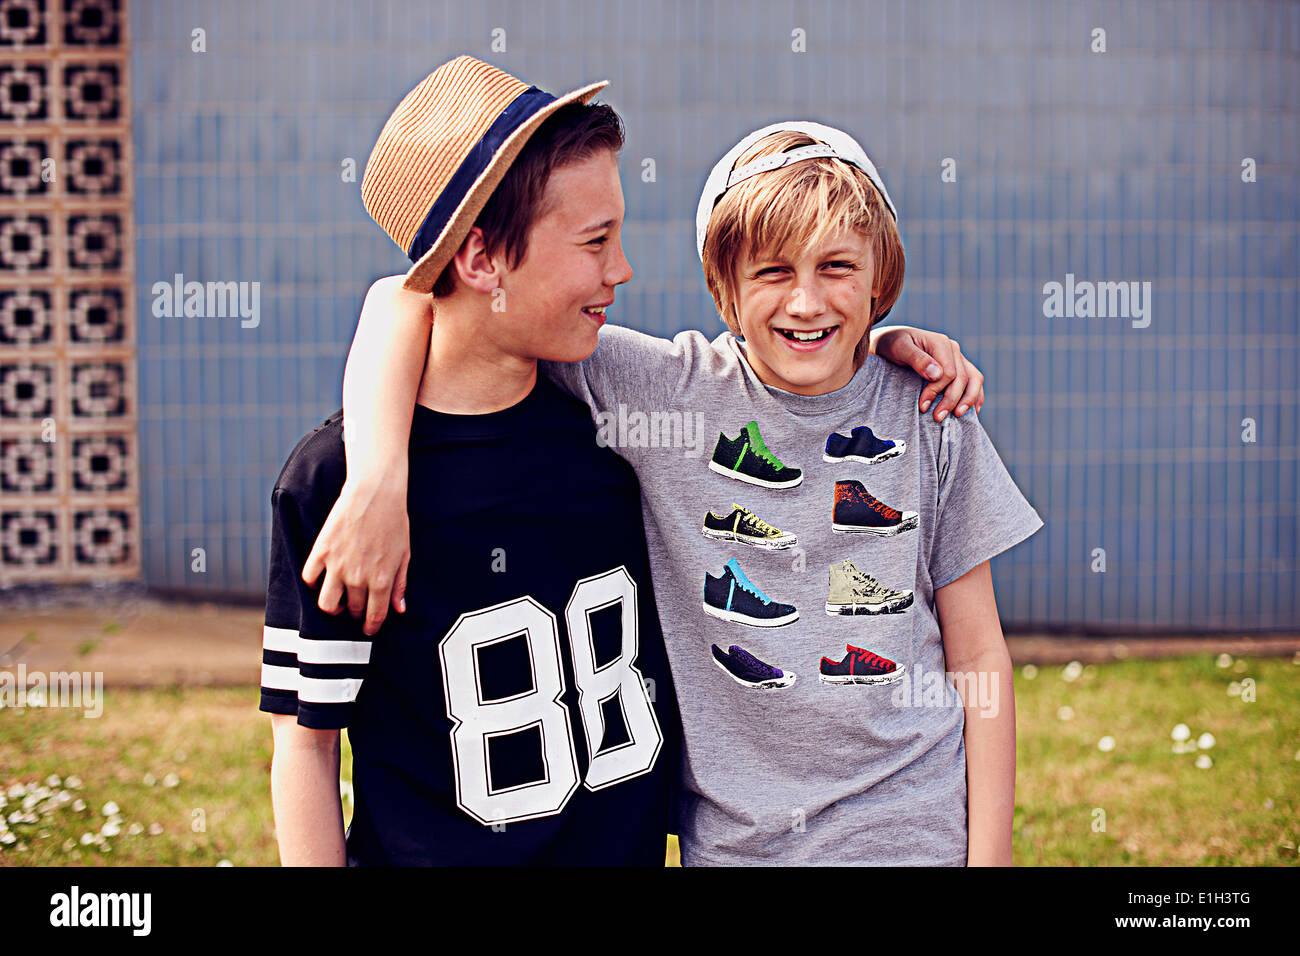 Deux garçons avec des bras autour de l'autre, portrait Photo Stock